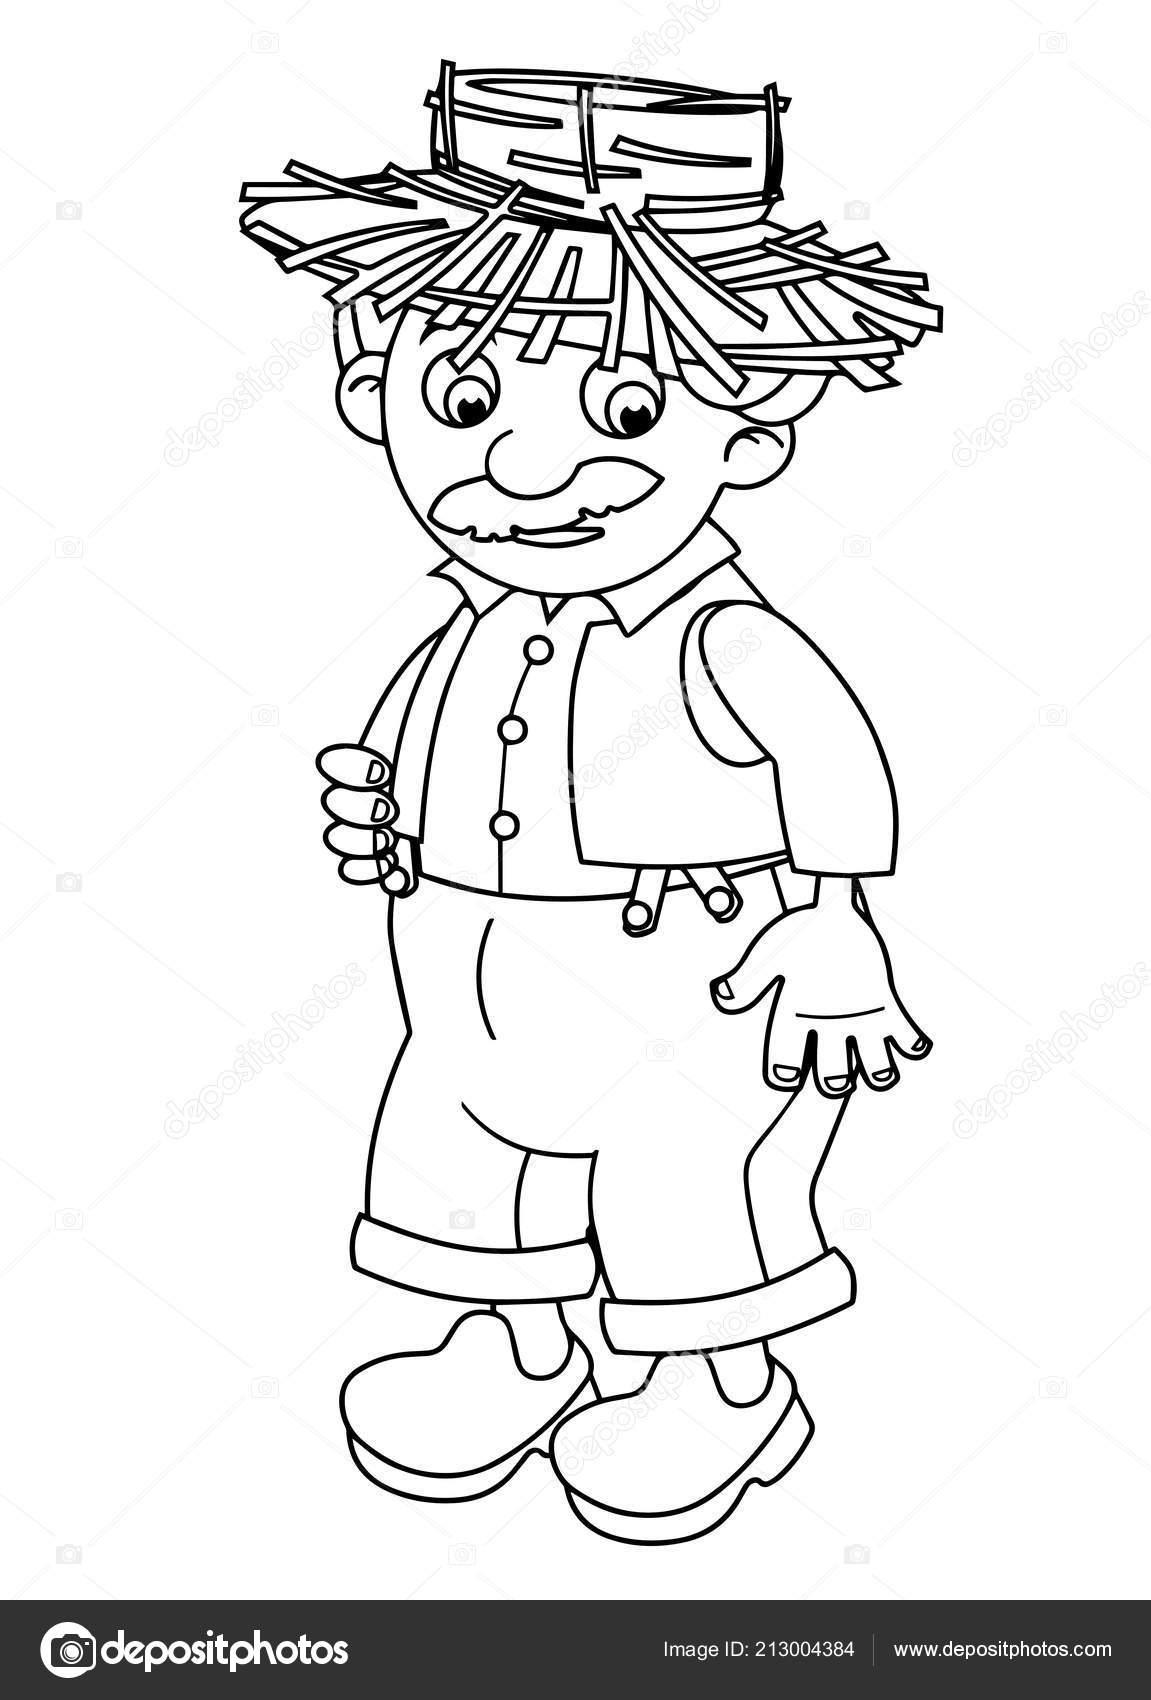 Escena Dibujos Animados Con Granjero Feliz Pie Mirando Ilustración